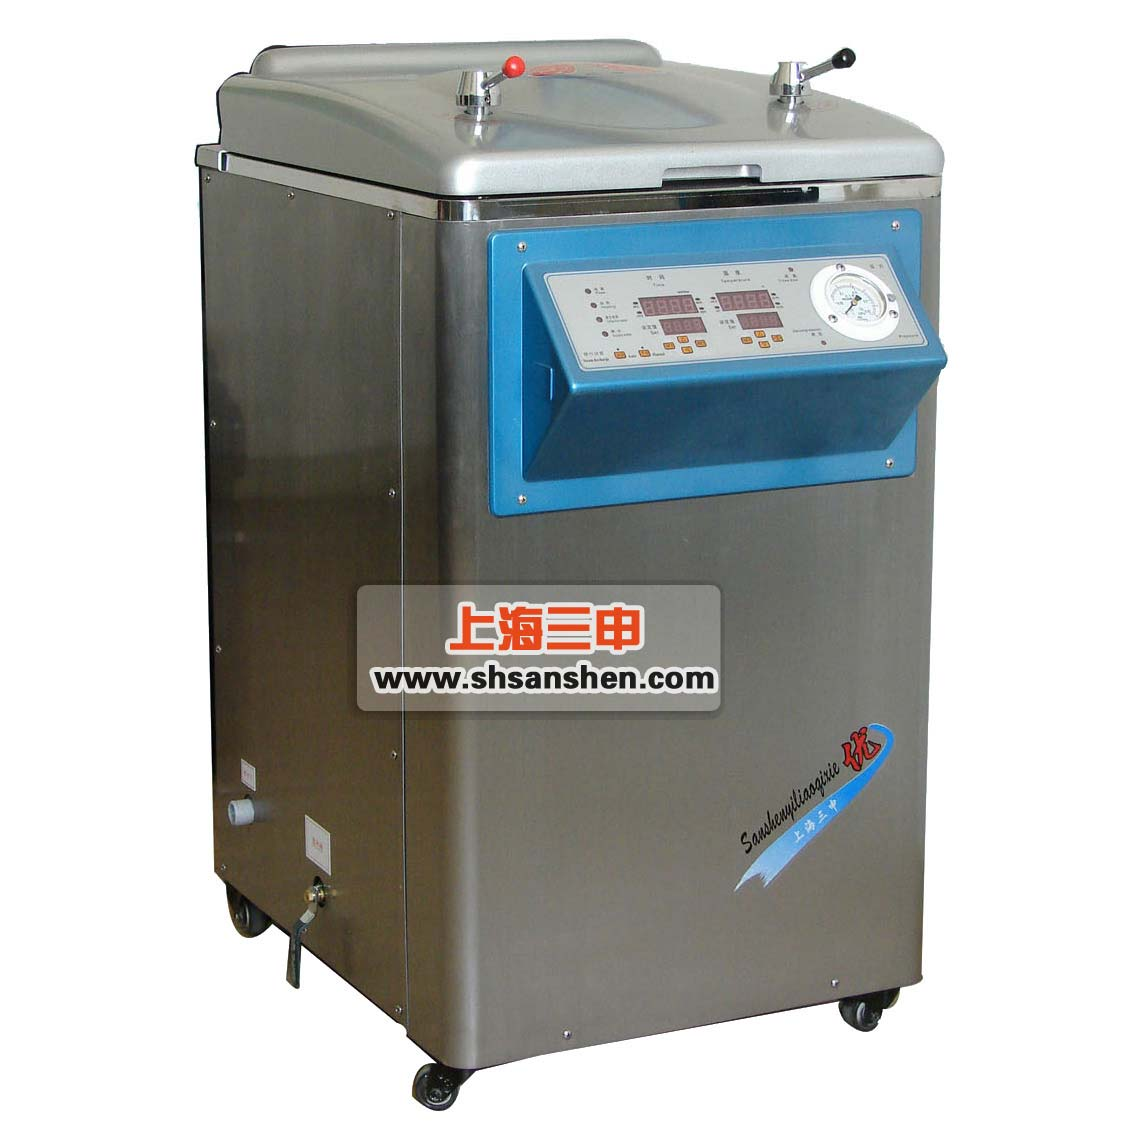 上海三申立式压力蒸汽xx色综合YM75FN 智能控制+内循环 75L高压蒸汽灭菌锅